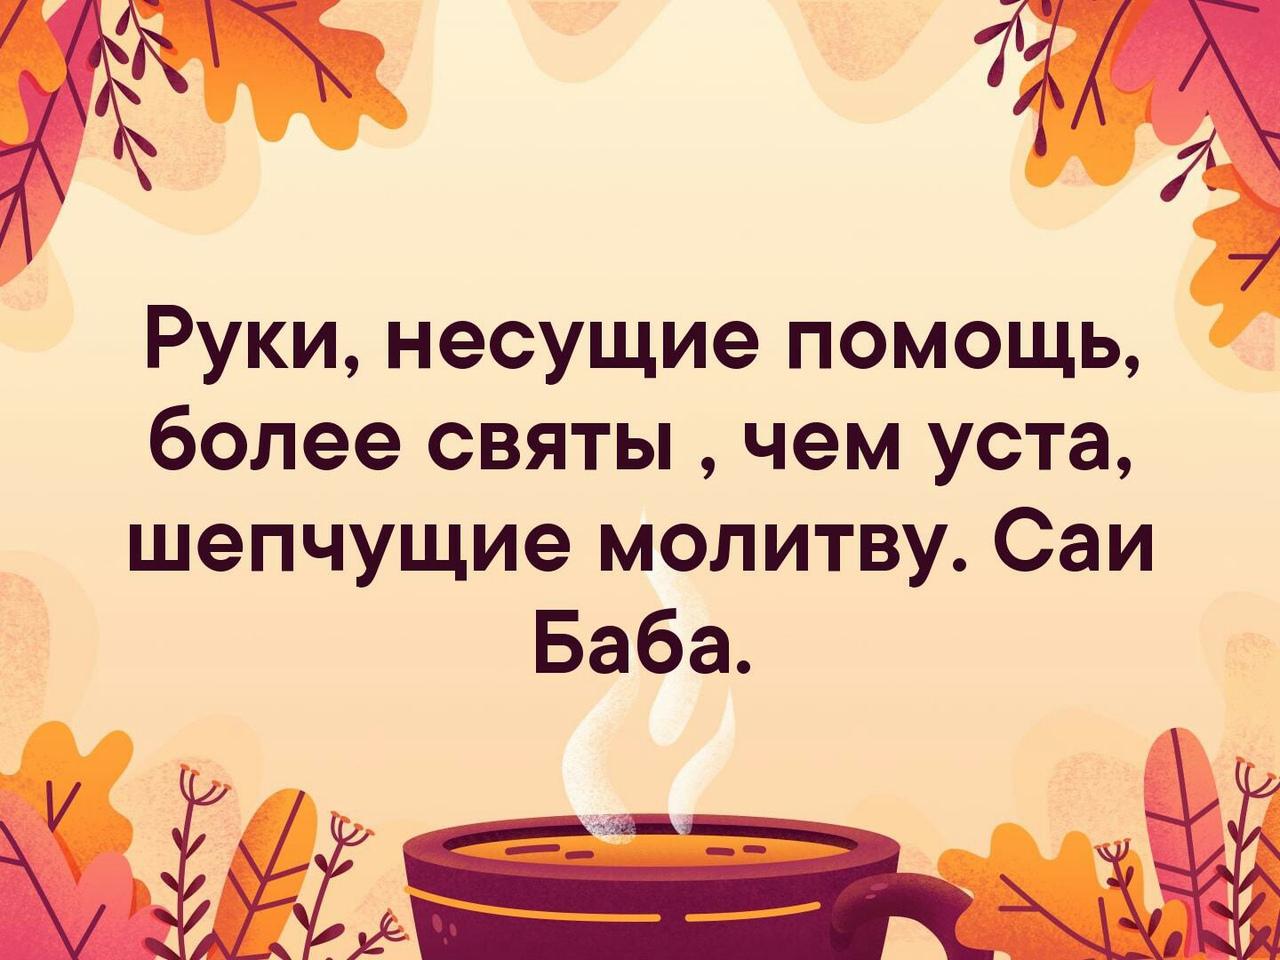 https://pp.userapi.com/c635101/v635101511/44465/RTWgQIy-kvs.jpg